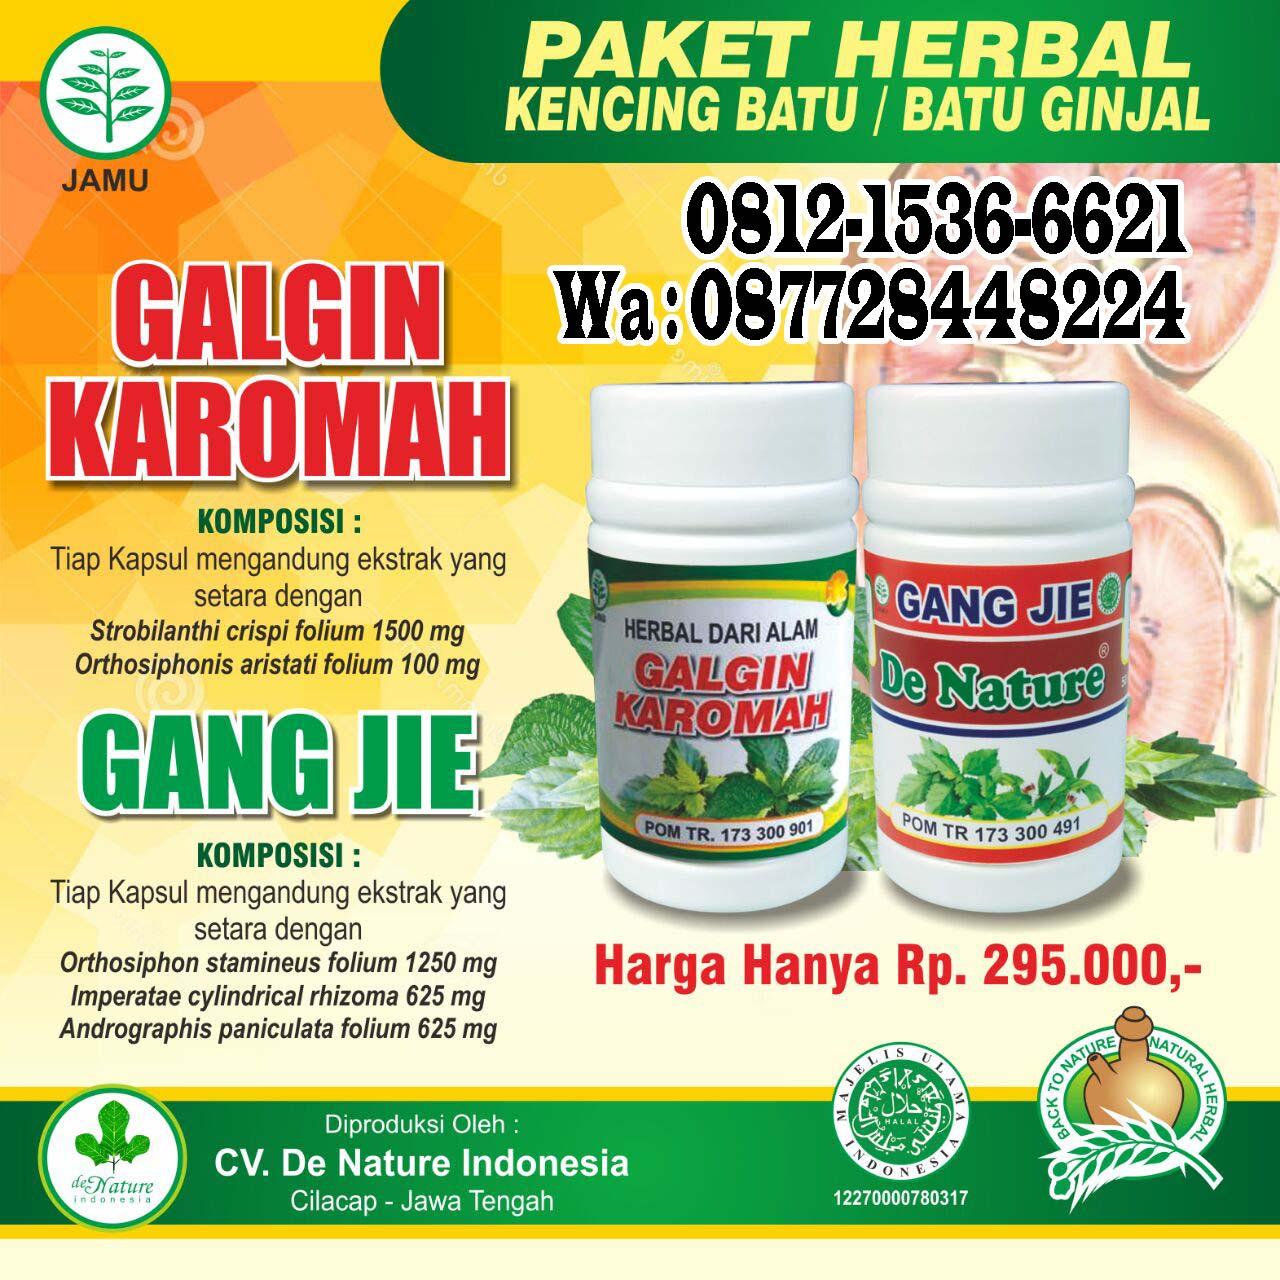 Obat Herbal Penghancur Batu Ginjal